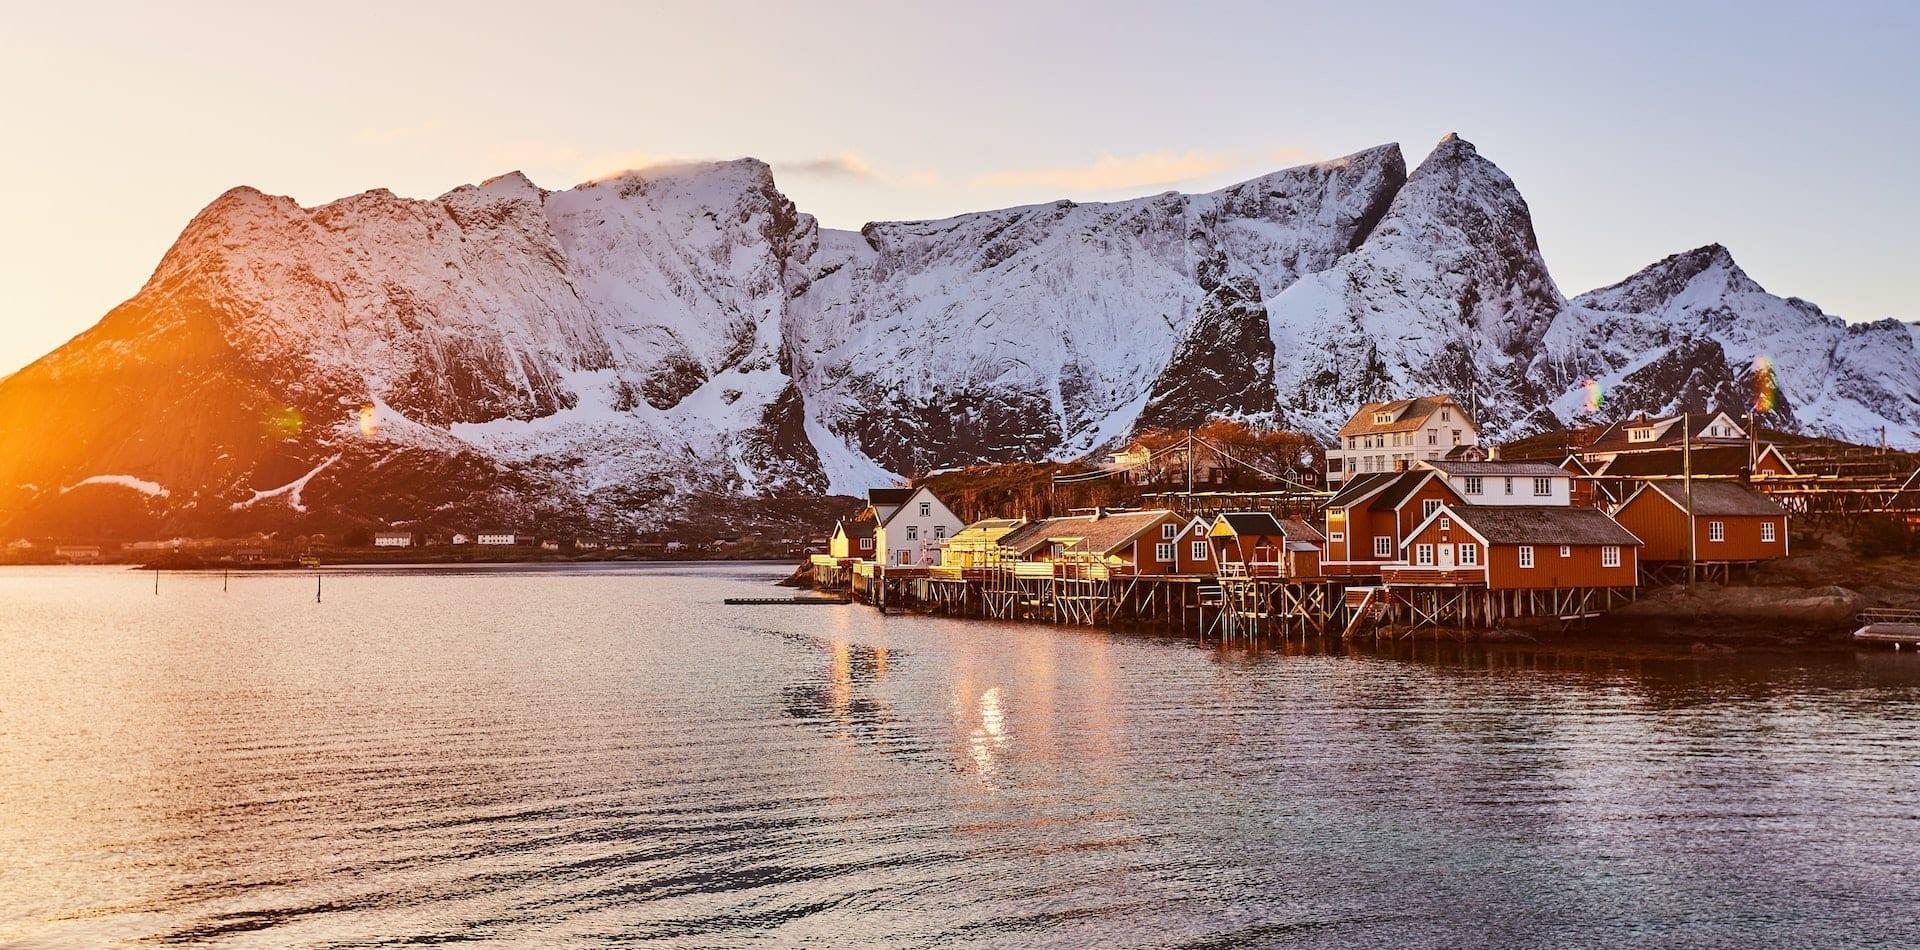 Hero Image Lofoten Islands at Sunset Norway